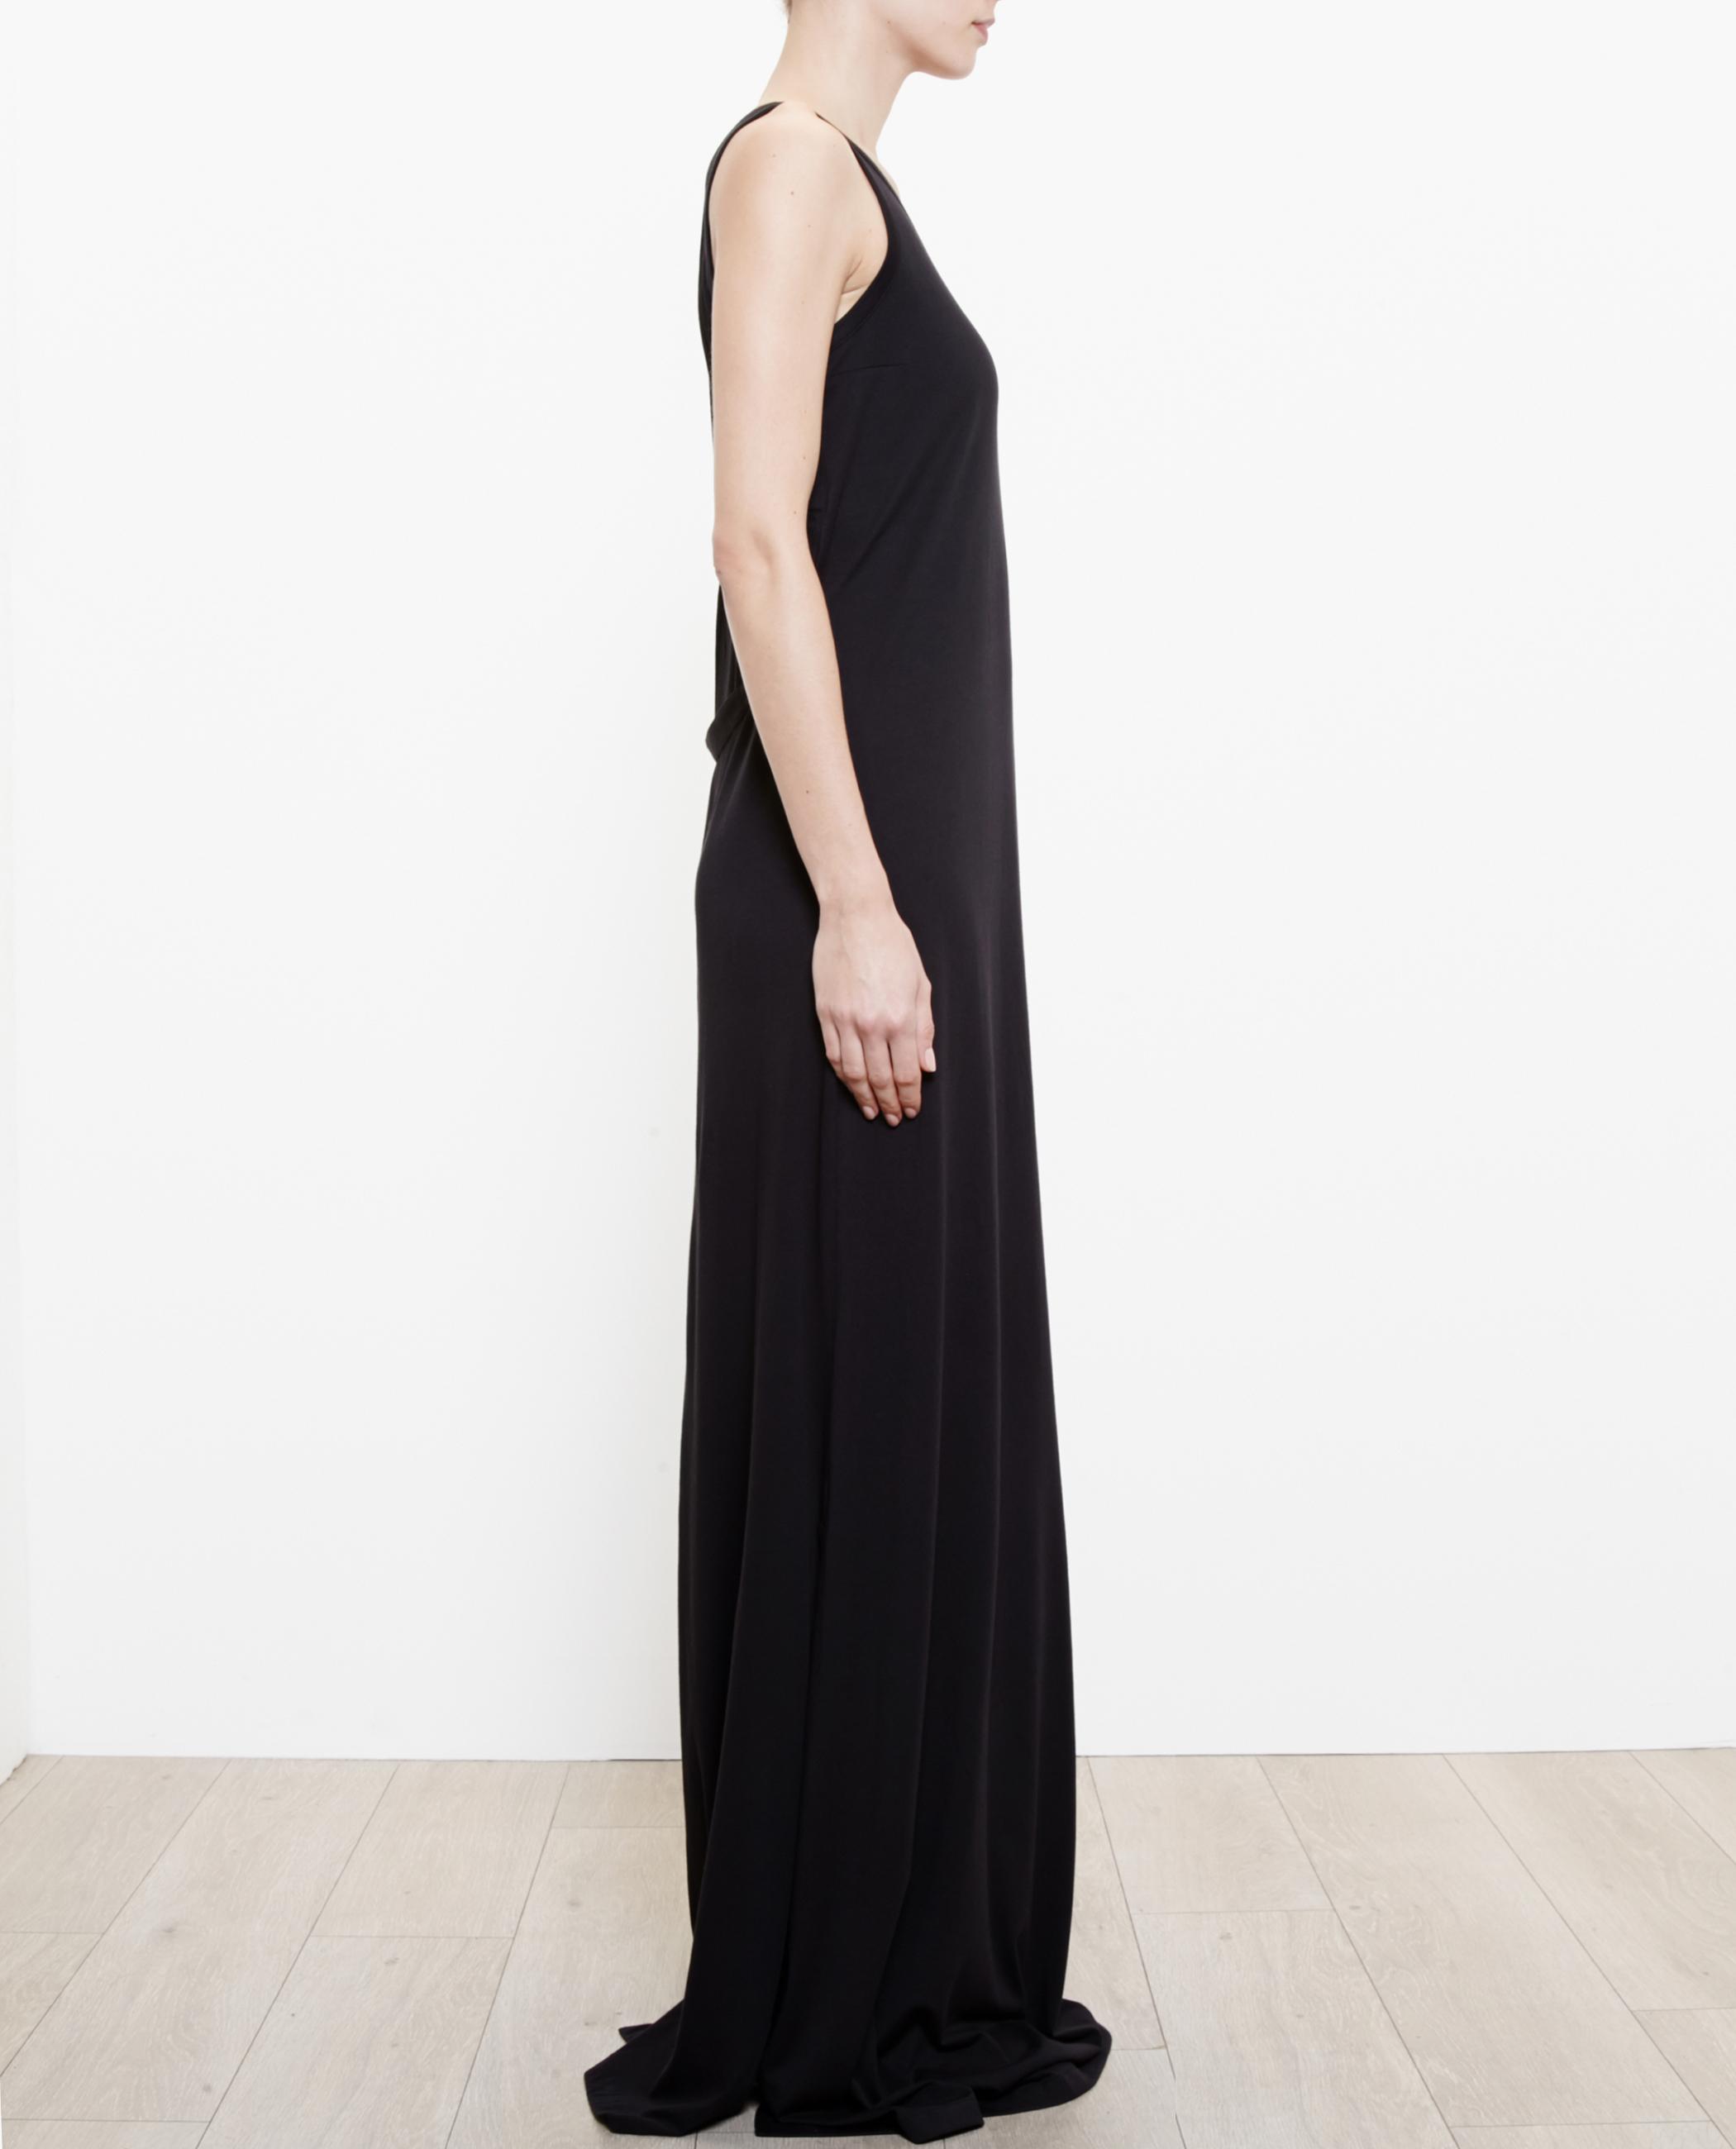 83d3b045a18d ann-demeulemeester-black-long-lightweight-jersey-dress-mini-dresses -product-1-26184090-3-906116009-normal.jpeg